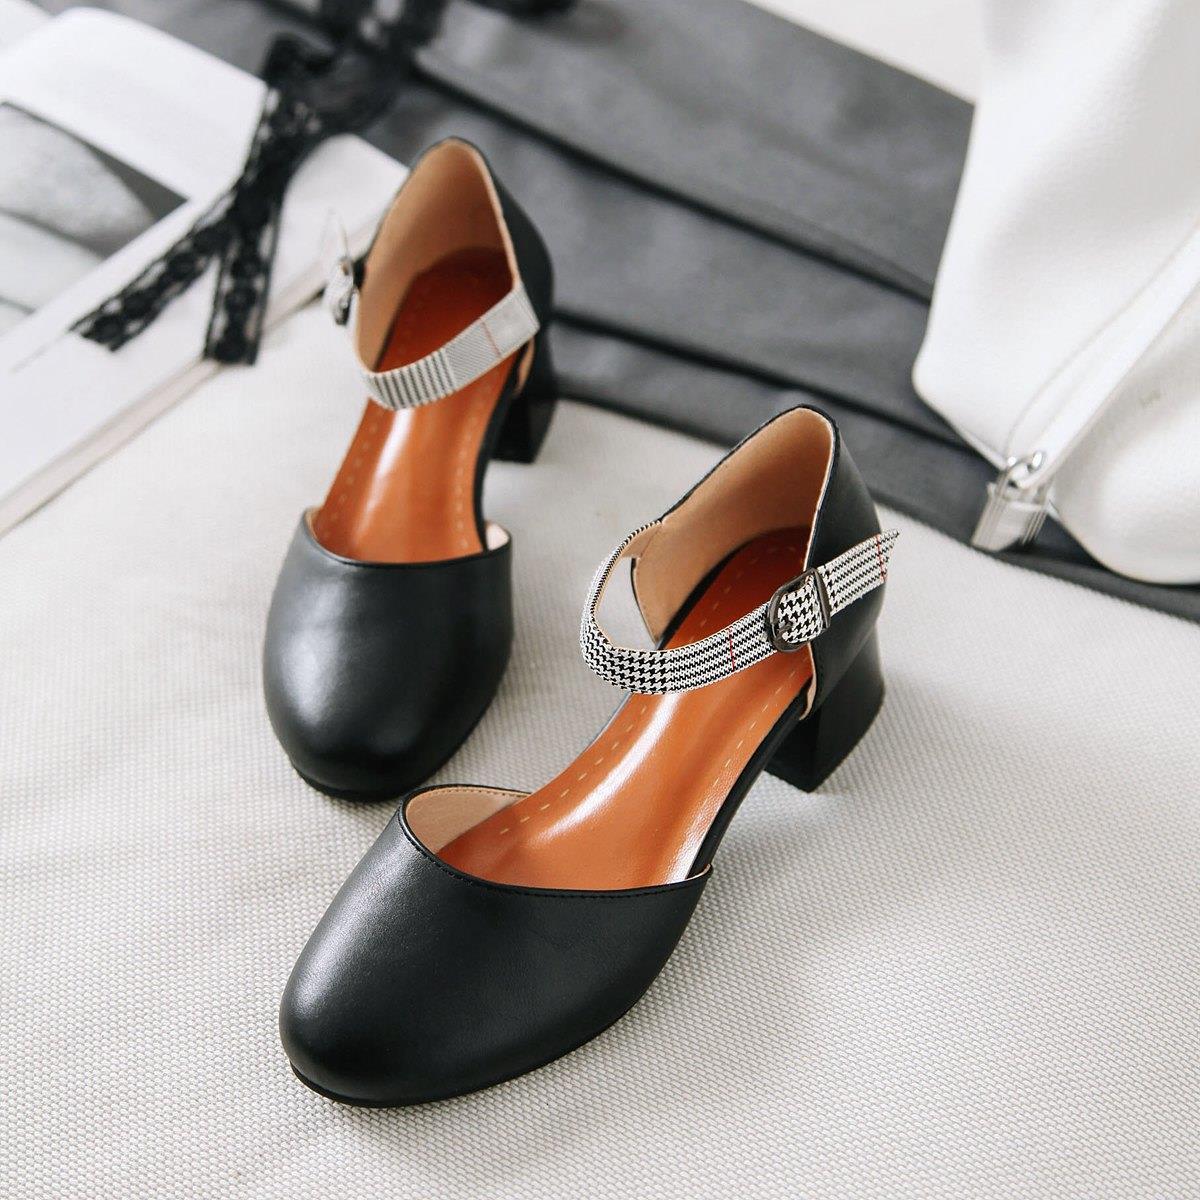 Fairy2019 Ferrolho Cabeça Jiyuan Mais Recente Moda Sandálias Com Sapato Único Tamanho das Mulheres Sapatos Lugar De Origem